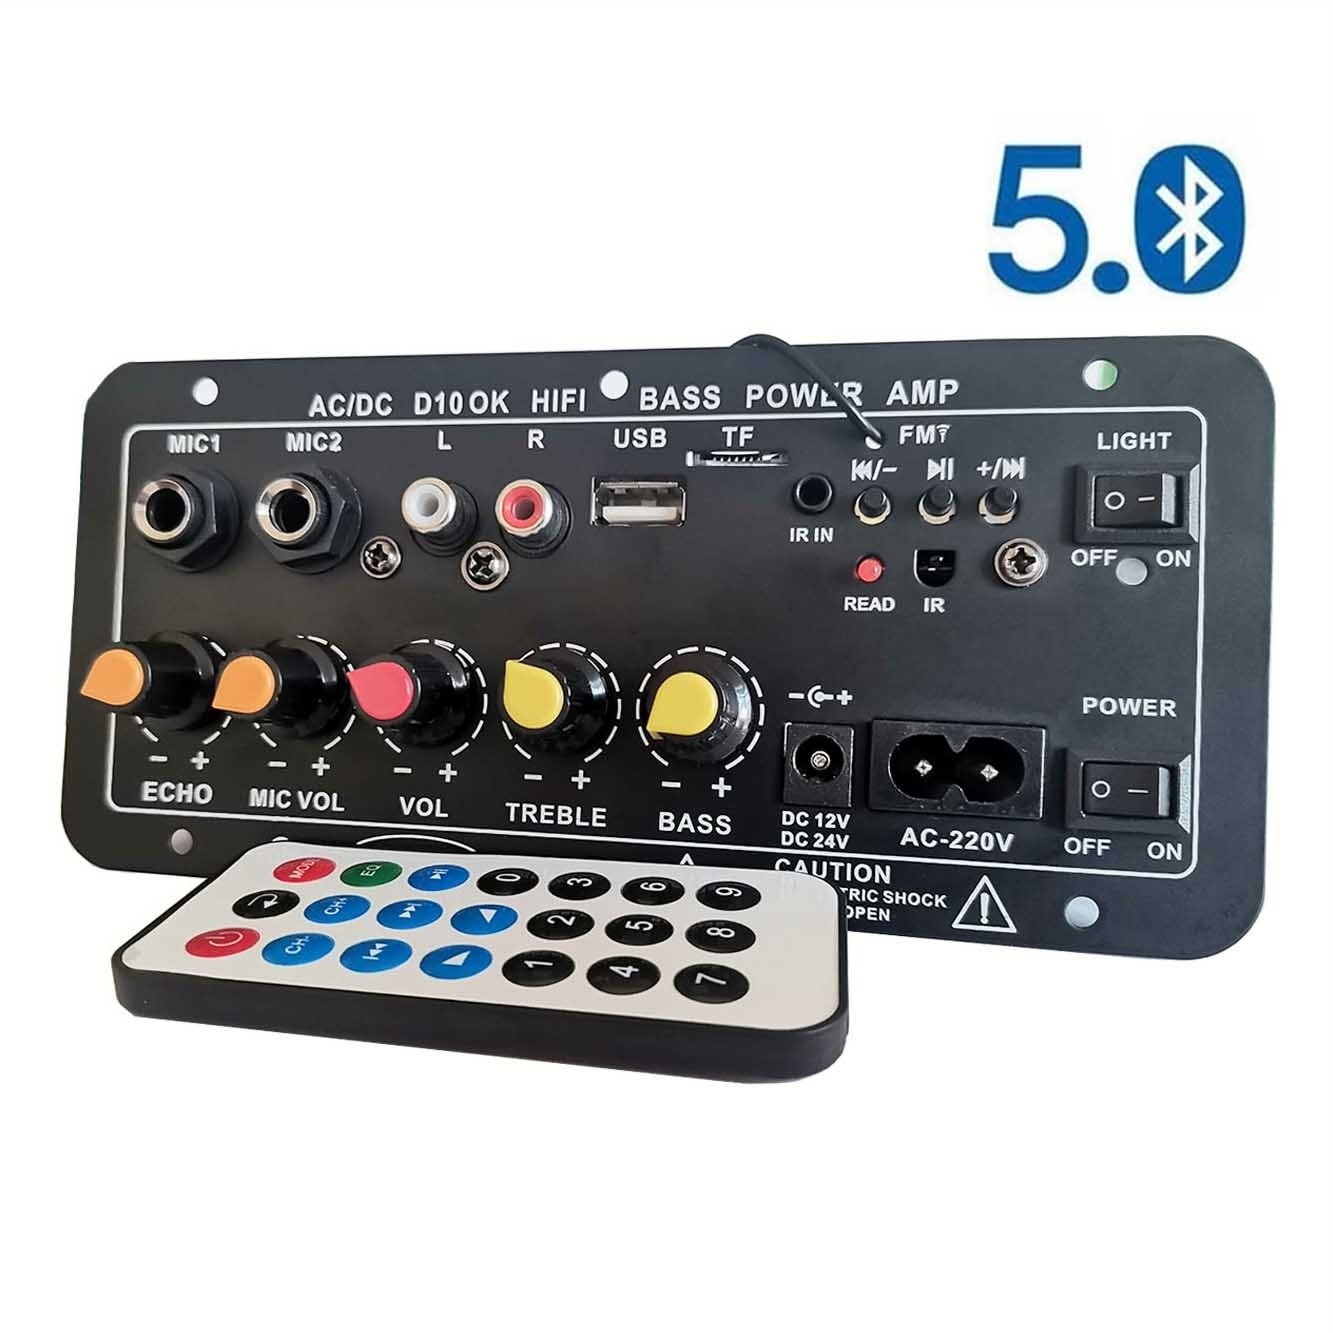 Цифровой Bluetooth стереоусилитель переменного тока 220 В, 12 В, 24 В, плата сабвуфера, двойной микрофон, усилители для караоке для колонок 8-12 дюймов